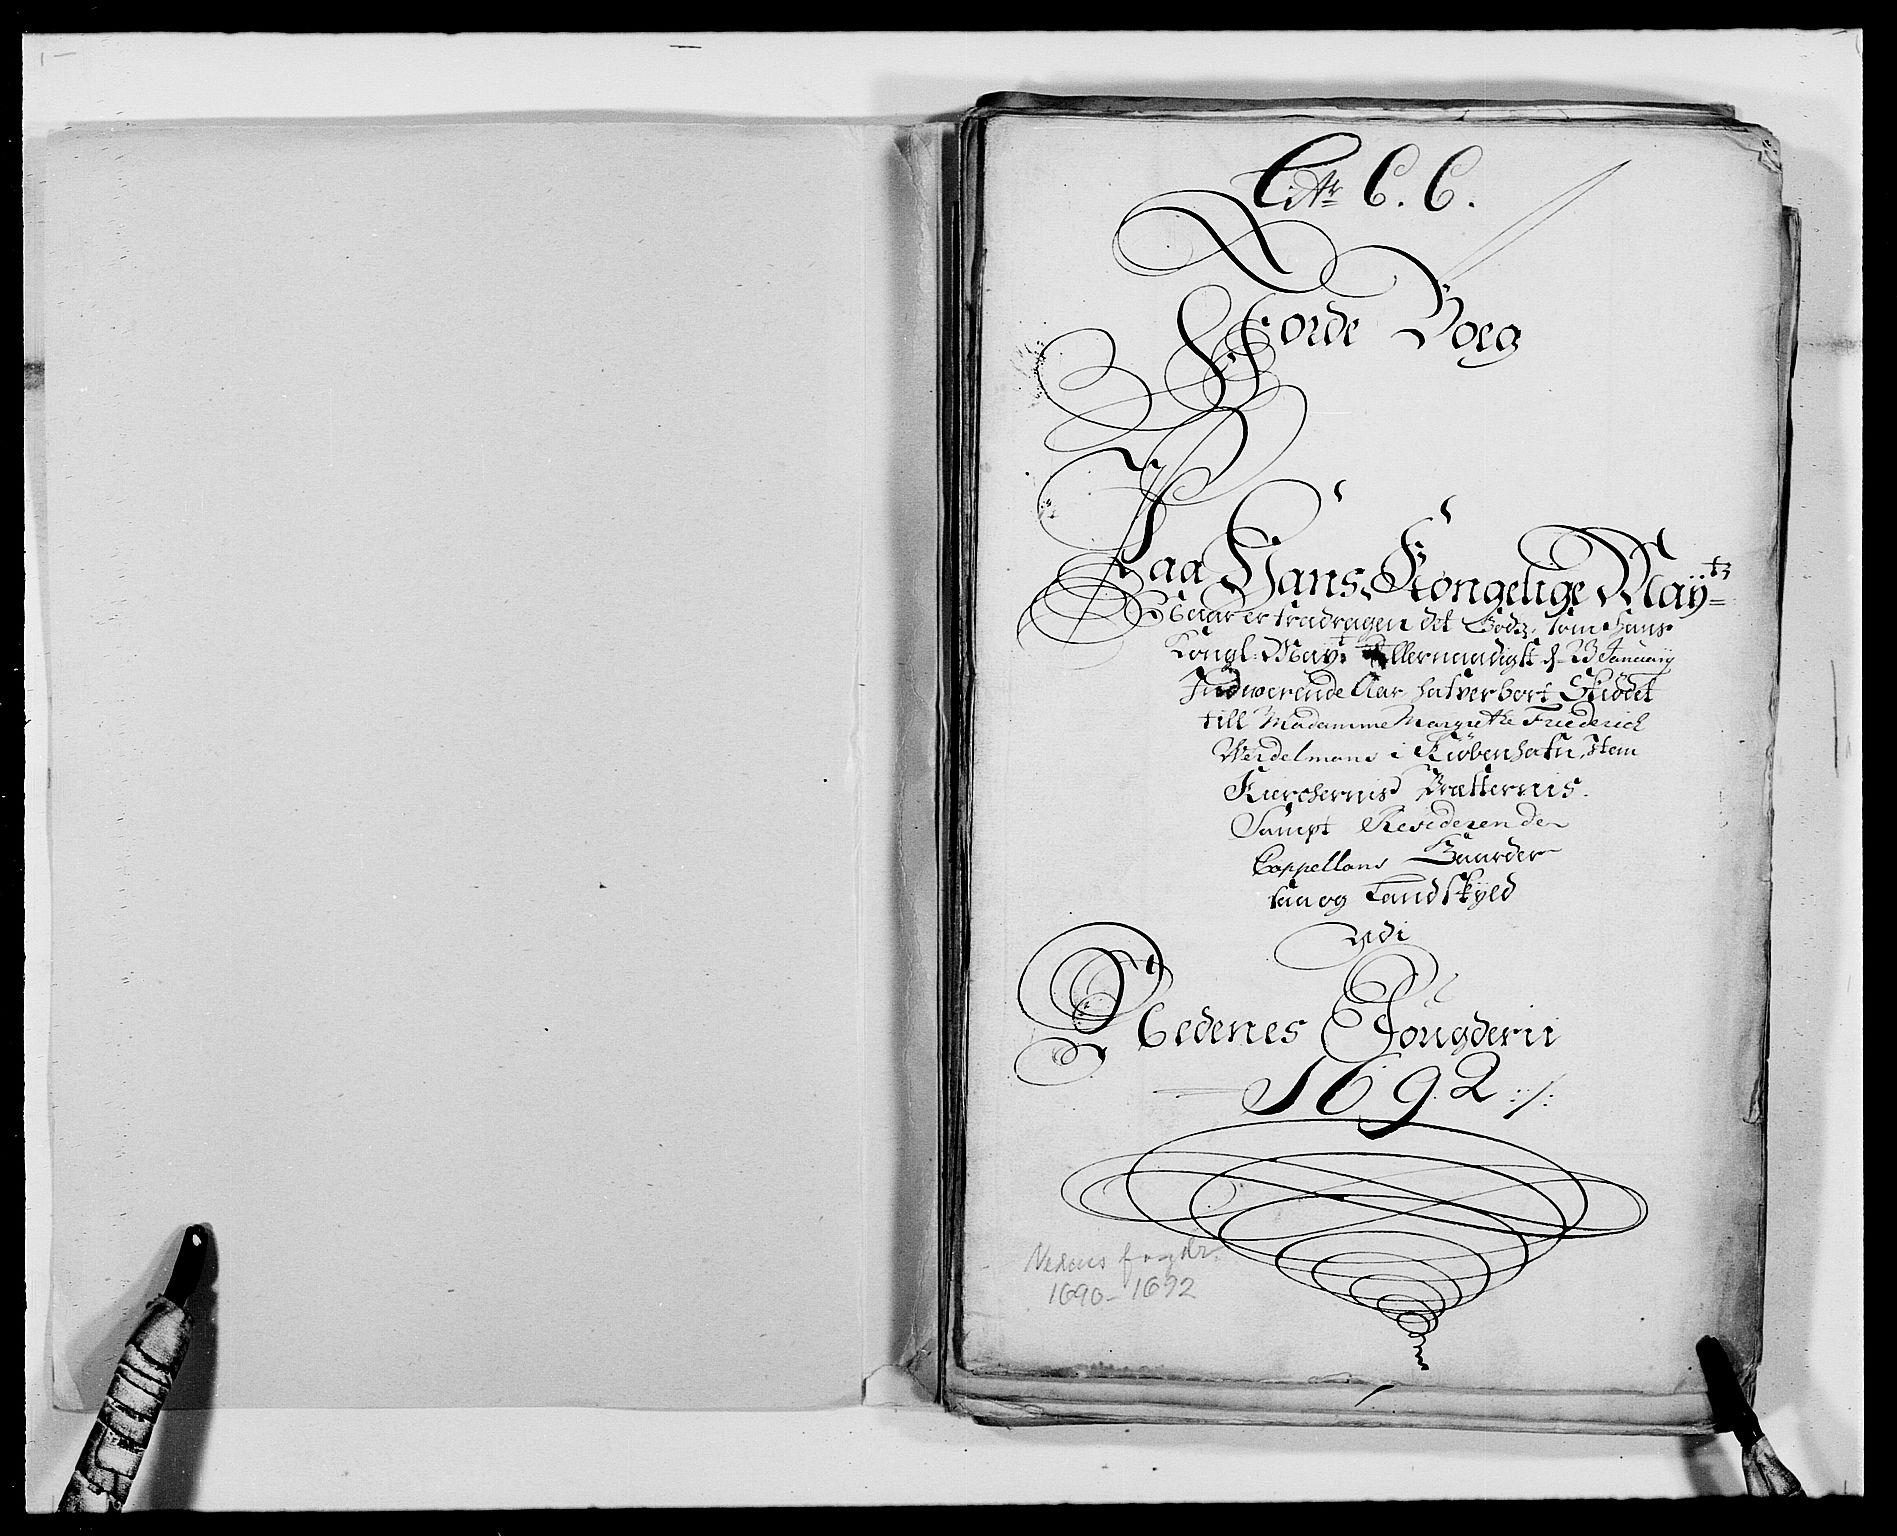 RA, Rentekammeret inntil 1814, Reviderte regnskaper, Fogderegnskap, R39/L2311: Fogderegnskap Nedenes, 1690-1692, s. 147